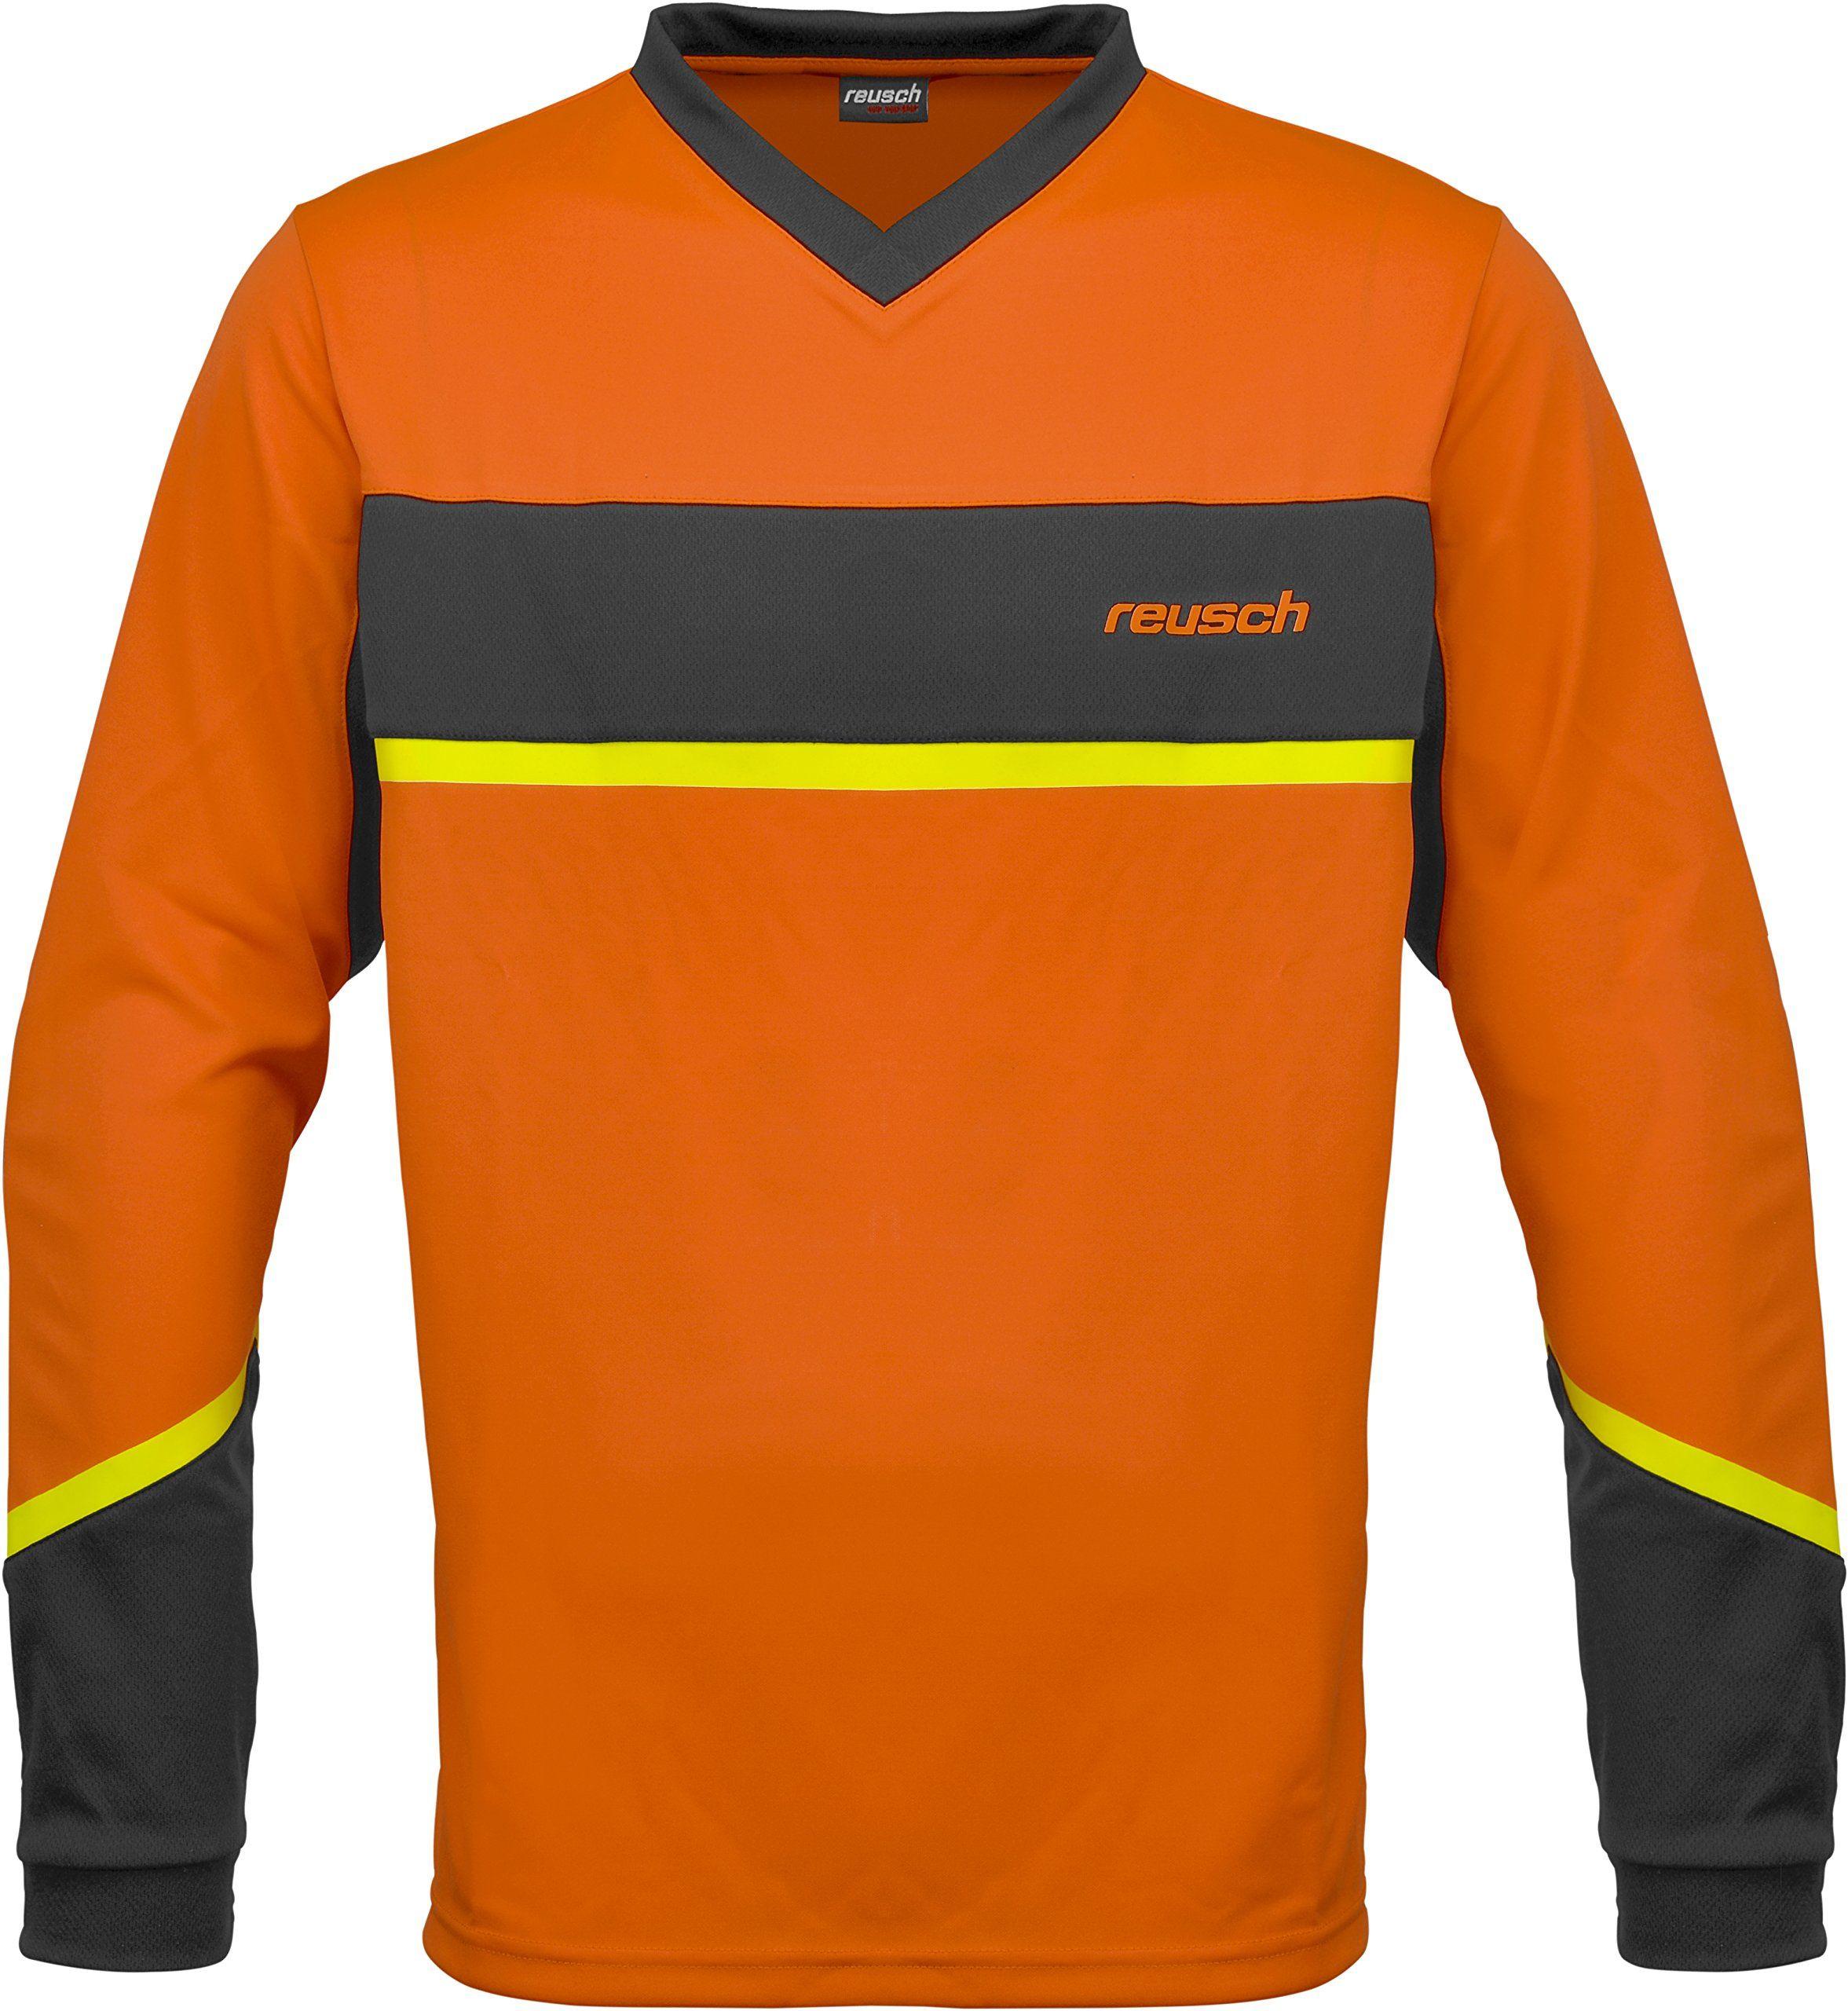 Reusch Reusch Razor koszulka męska z długim rękawem pomarańczowa Shocking Orng/Safety Yellw XX-L